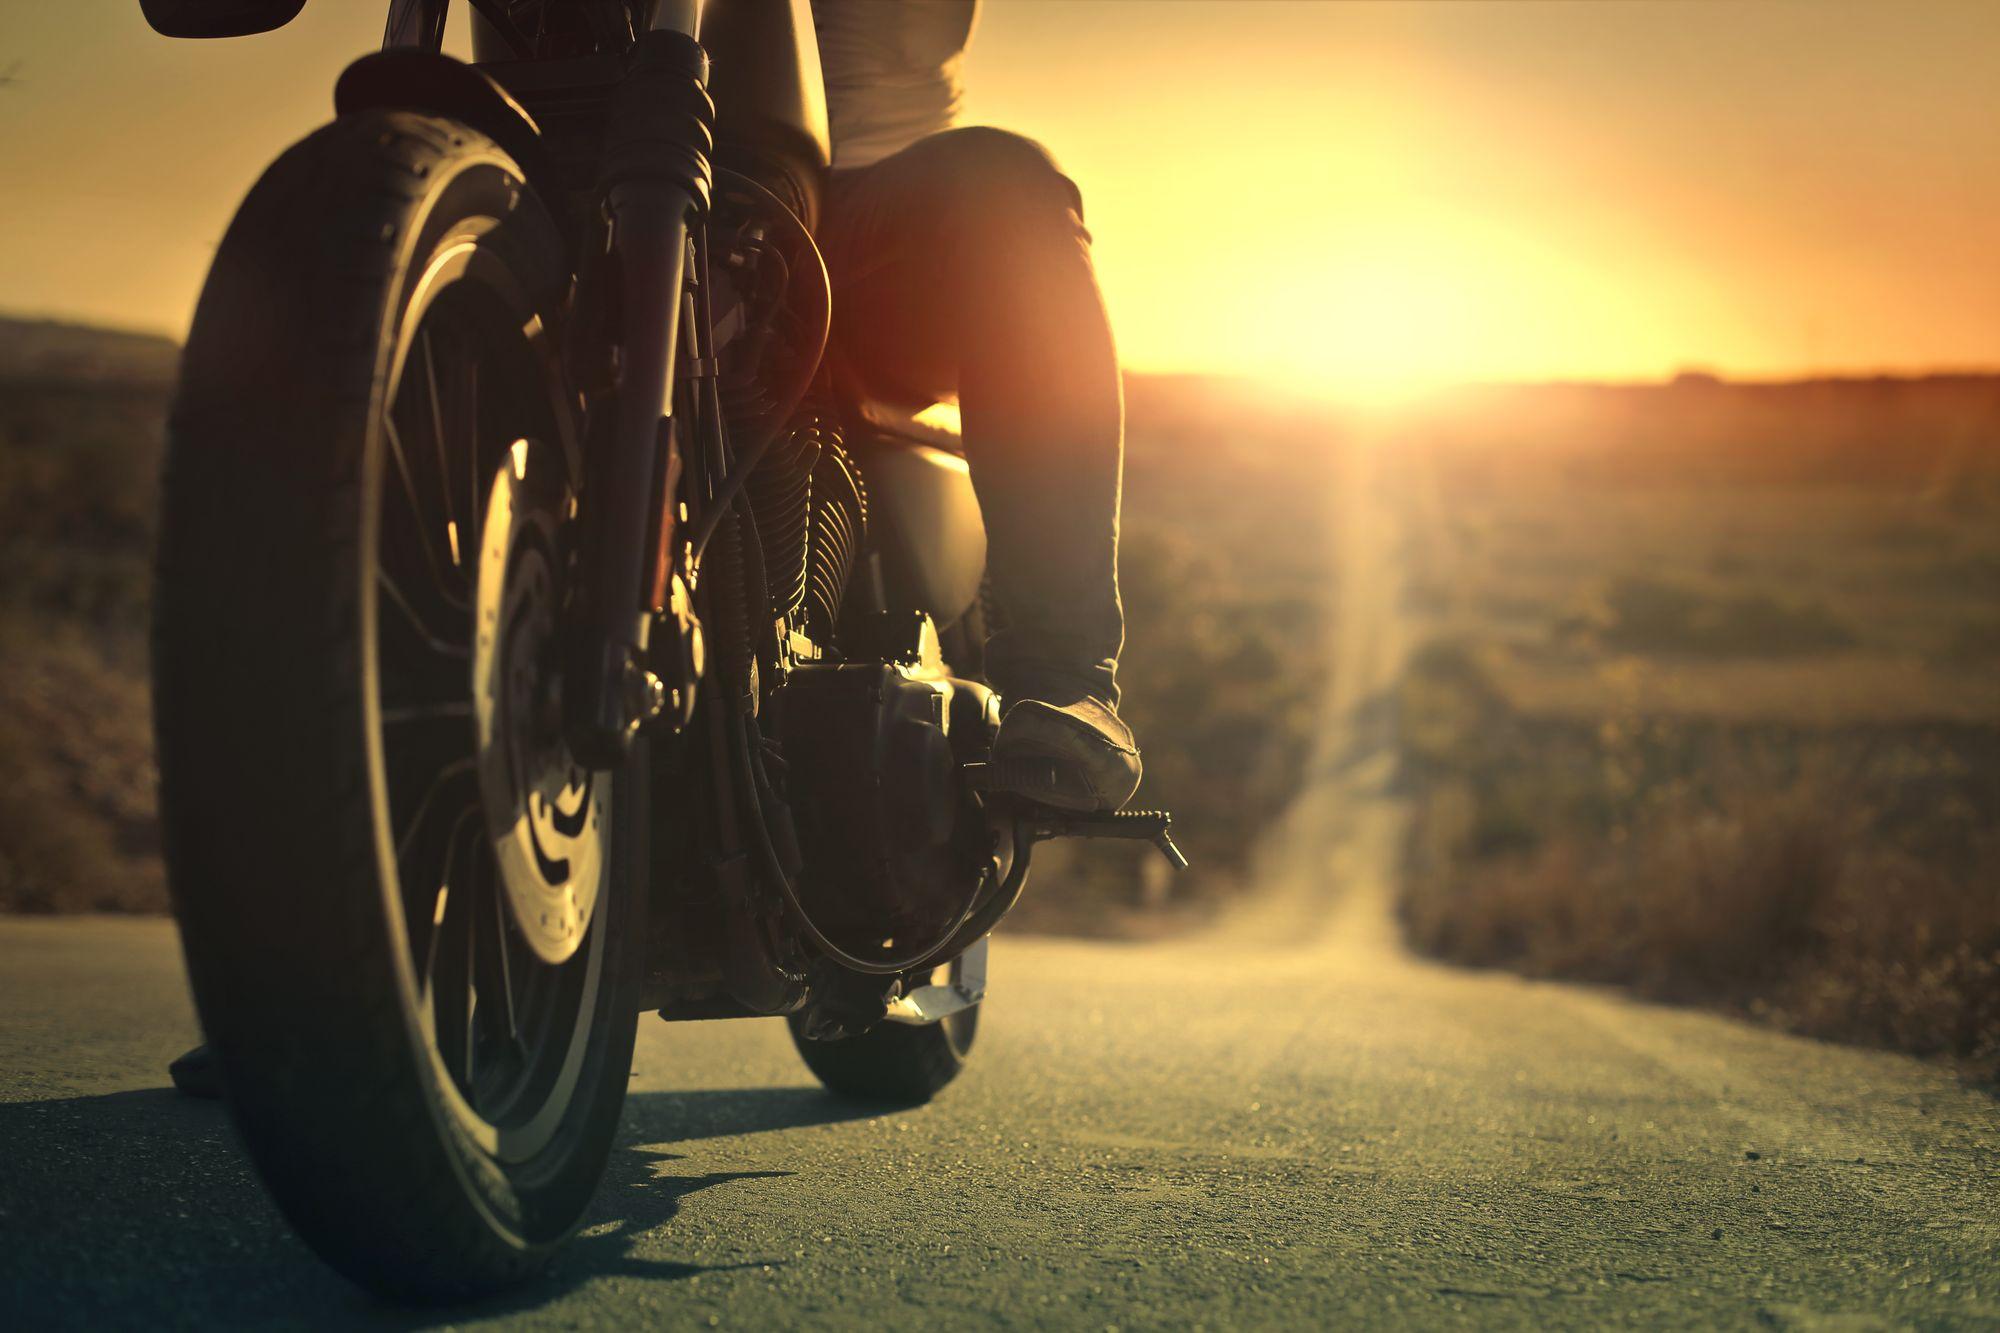 Αναβάτης πάνω σε μηχανή με φόντο το ηλιοβασίλεμα